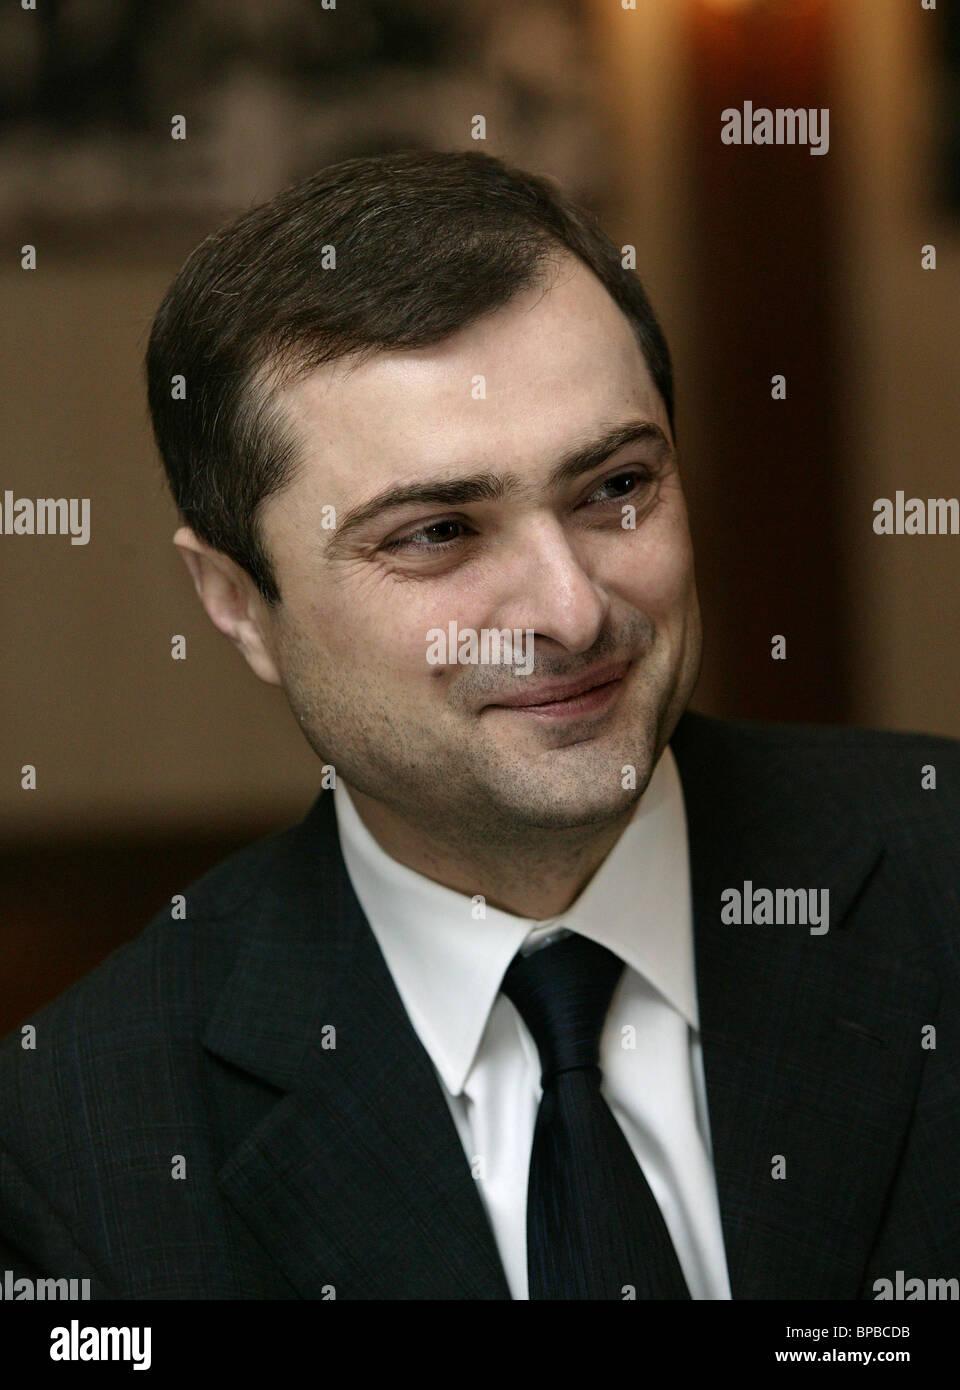 Vladislav Surkov holds press conference at ITAR-TASS news agency - Stock Image